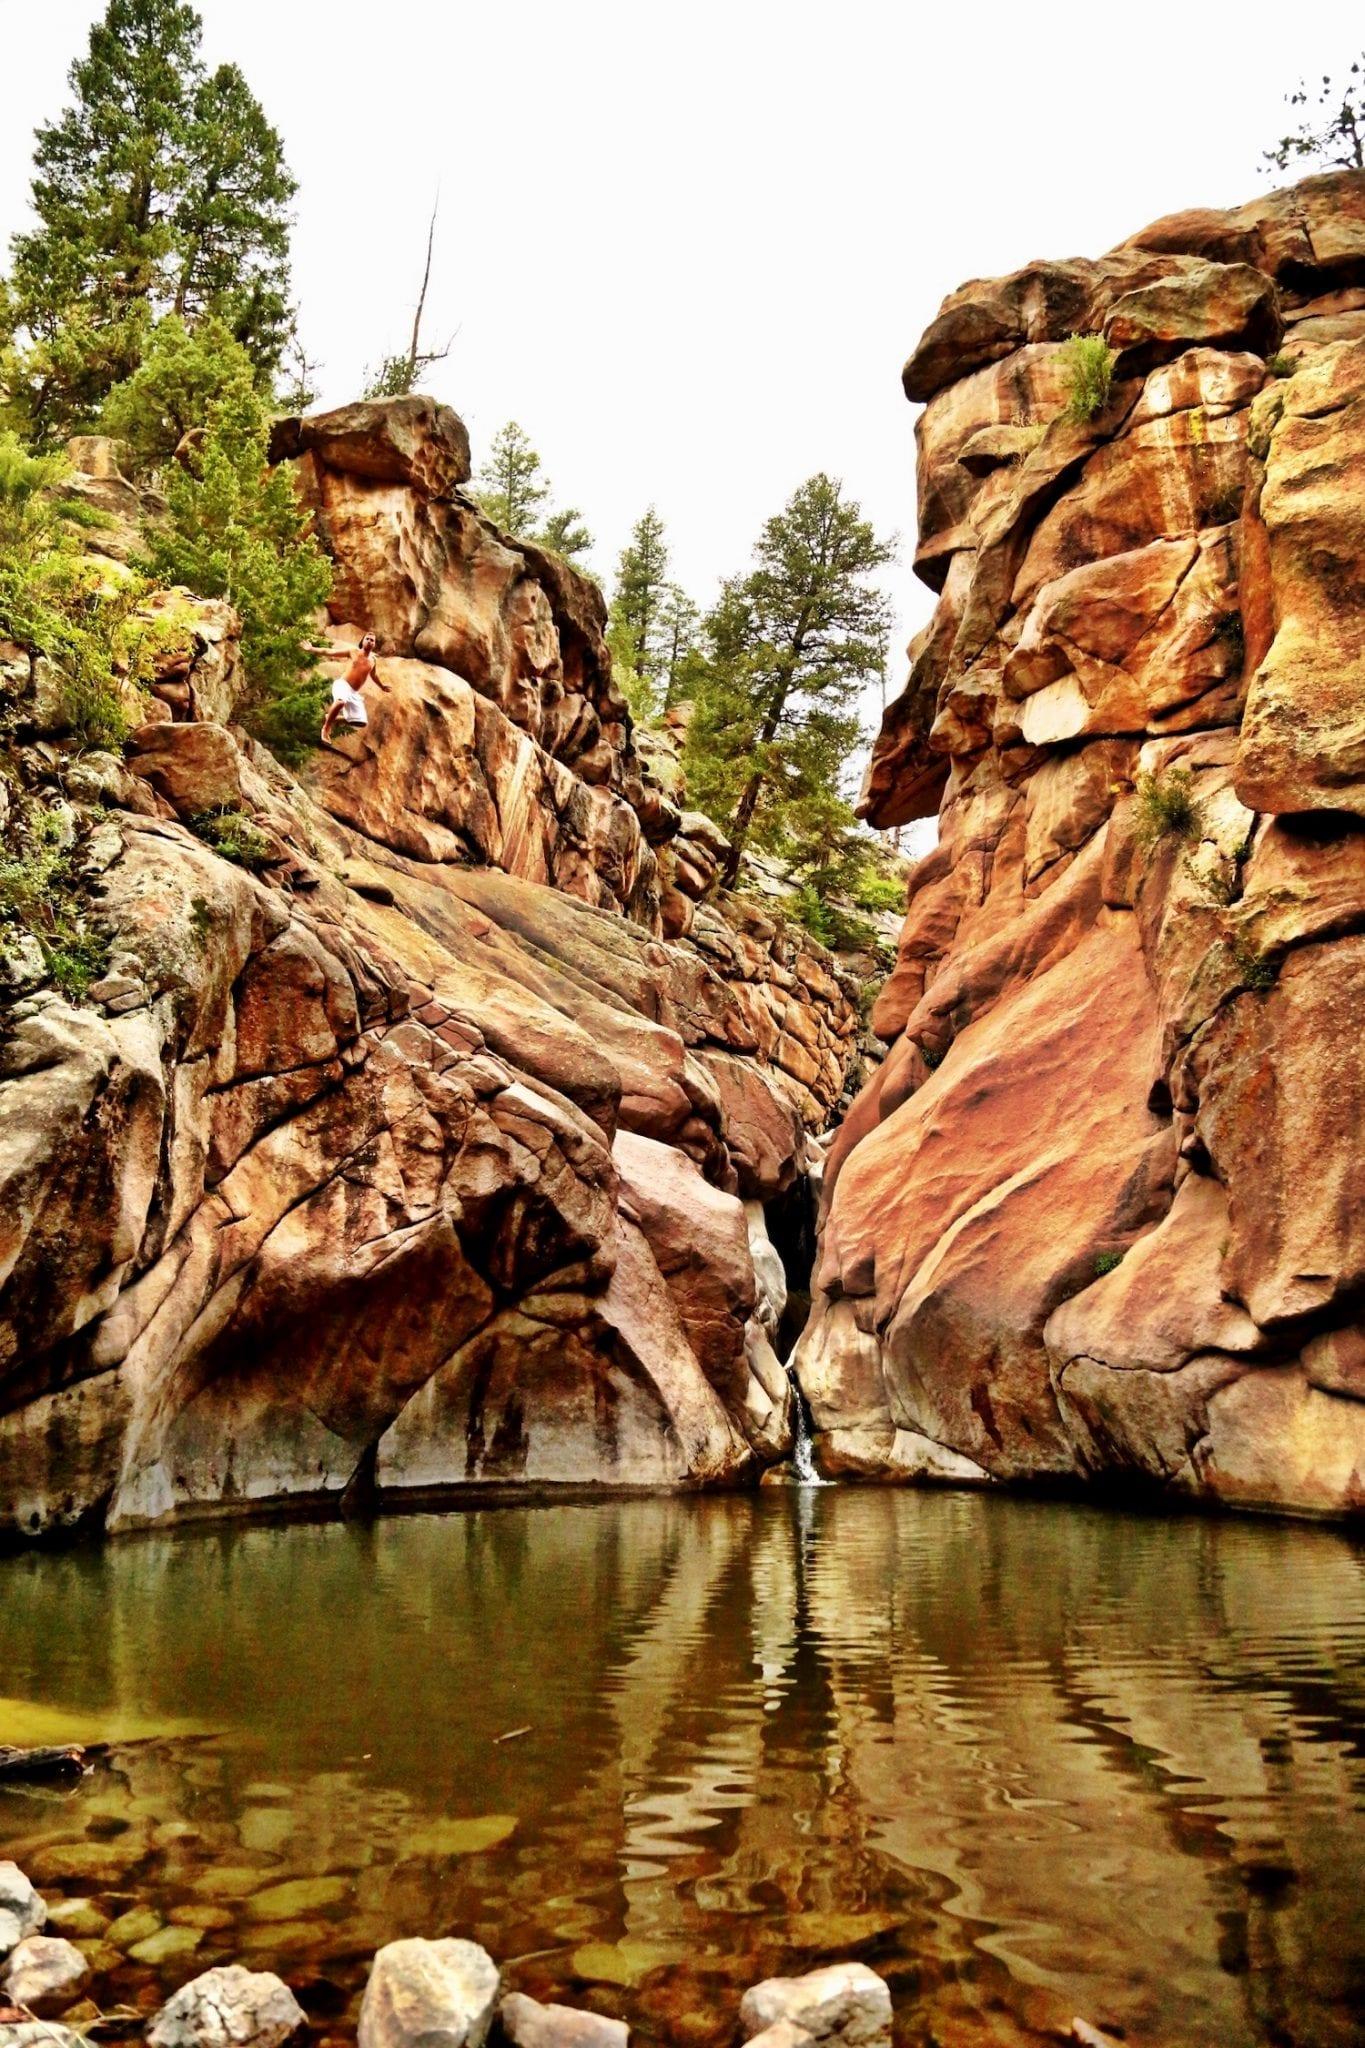 South Park Colorado Guffey Gorge